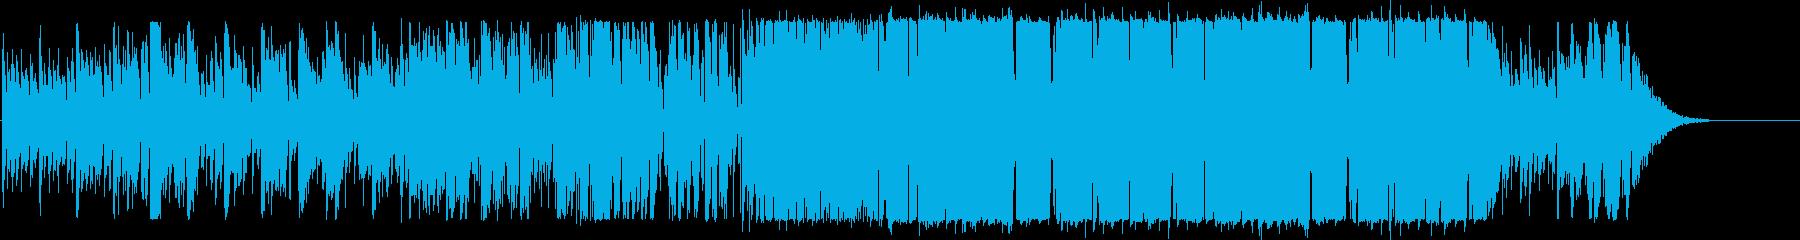 クールなエレクトロニックポップの再生済みの波形